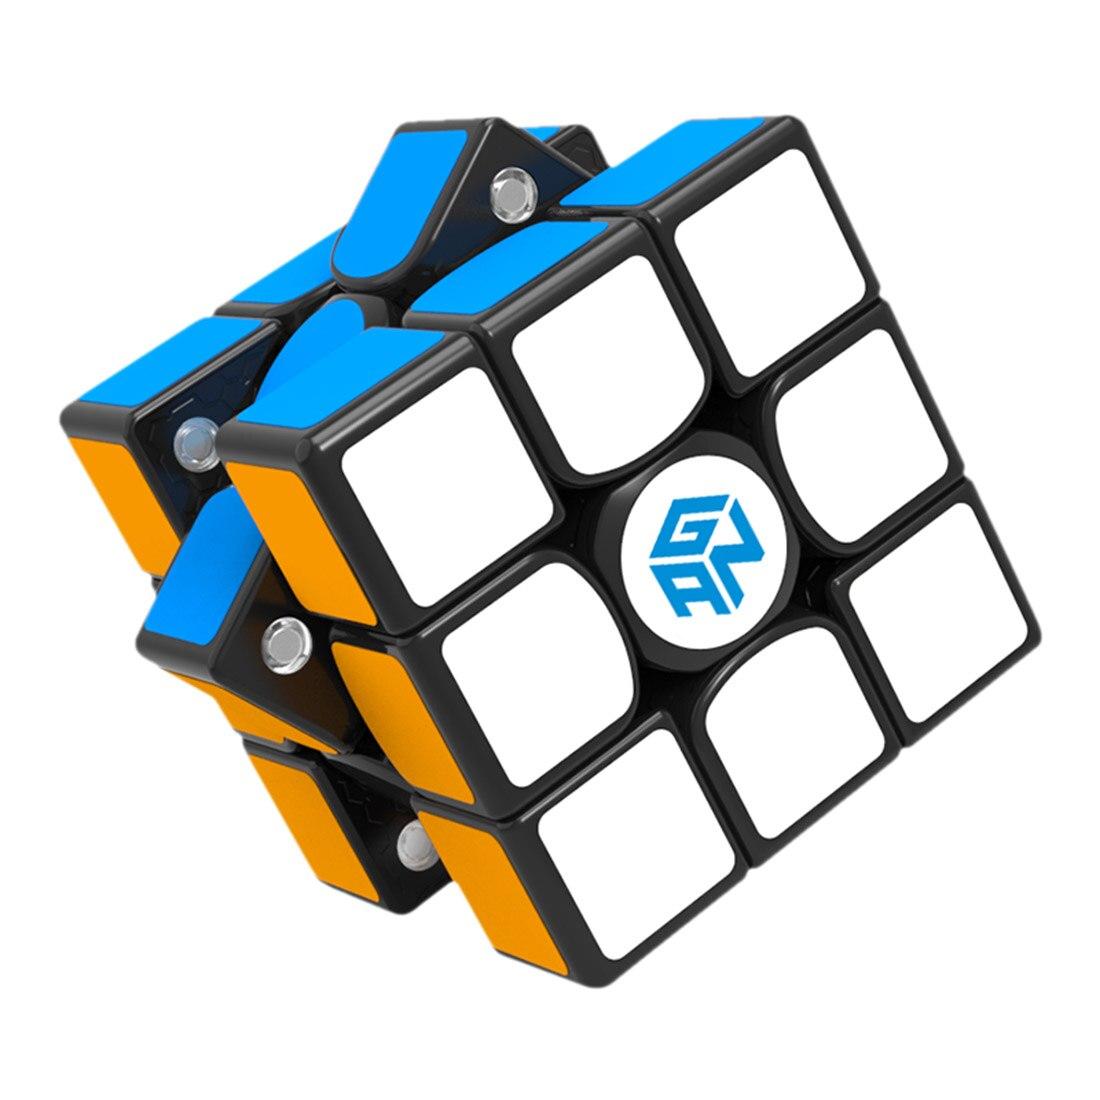 GAN356 X 3x3 Cube magique magnétique amovible Cube carré Puzzle jouet pour l'entraînement cérébral-réglage du nombre IPG + autocollant noir